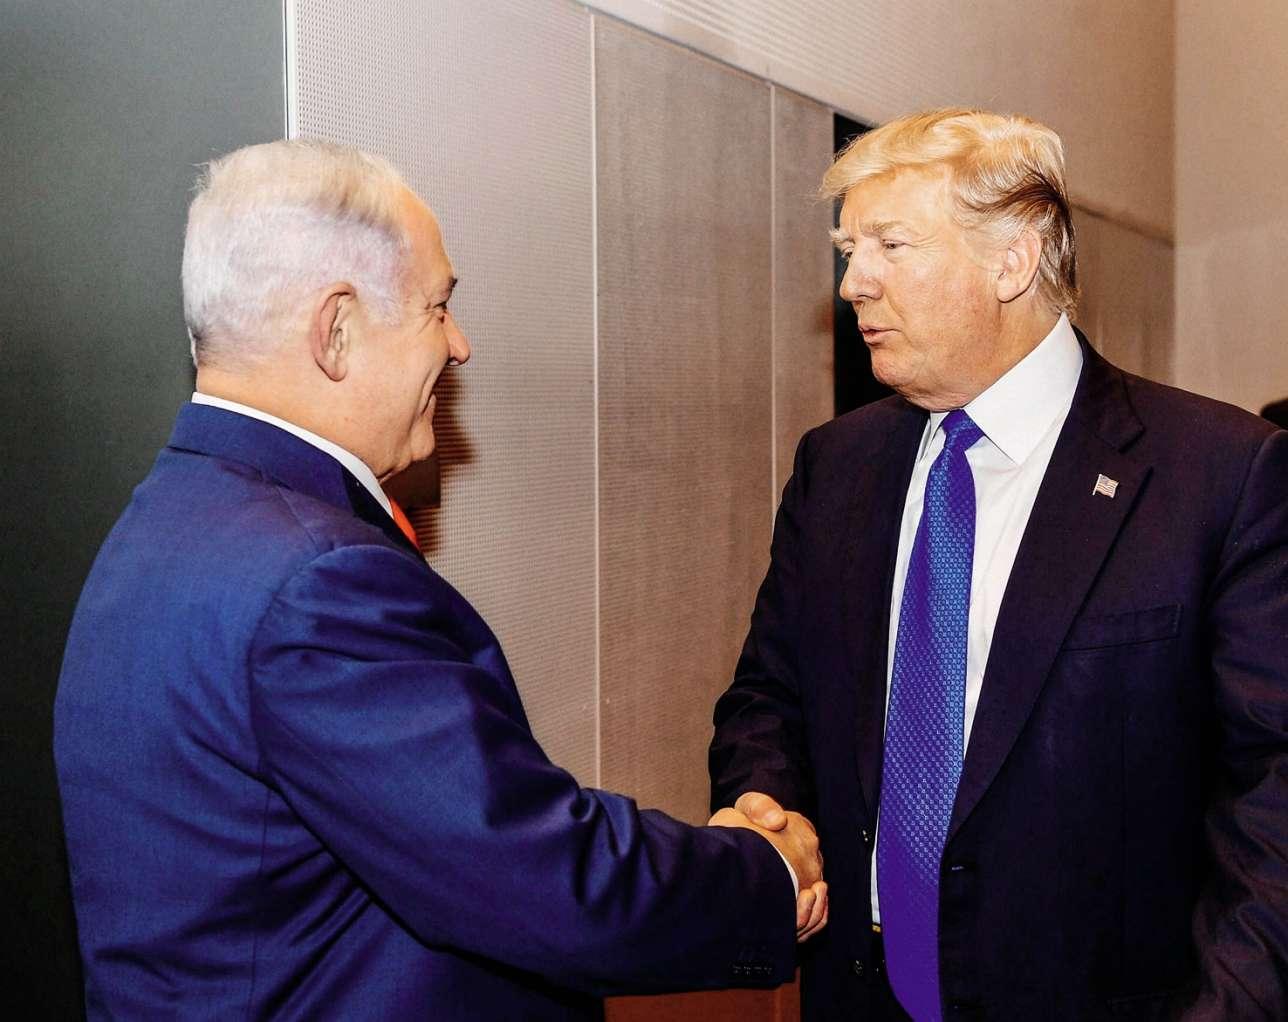 En janvier 2018, une rencontre entre le président Trump et Benyamin Nétanyahou pendant le forum de Davos.